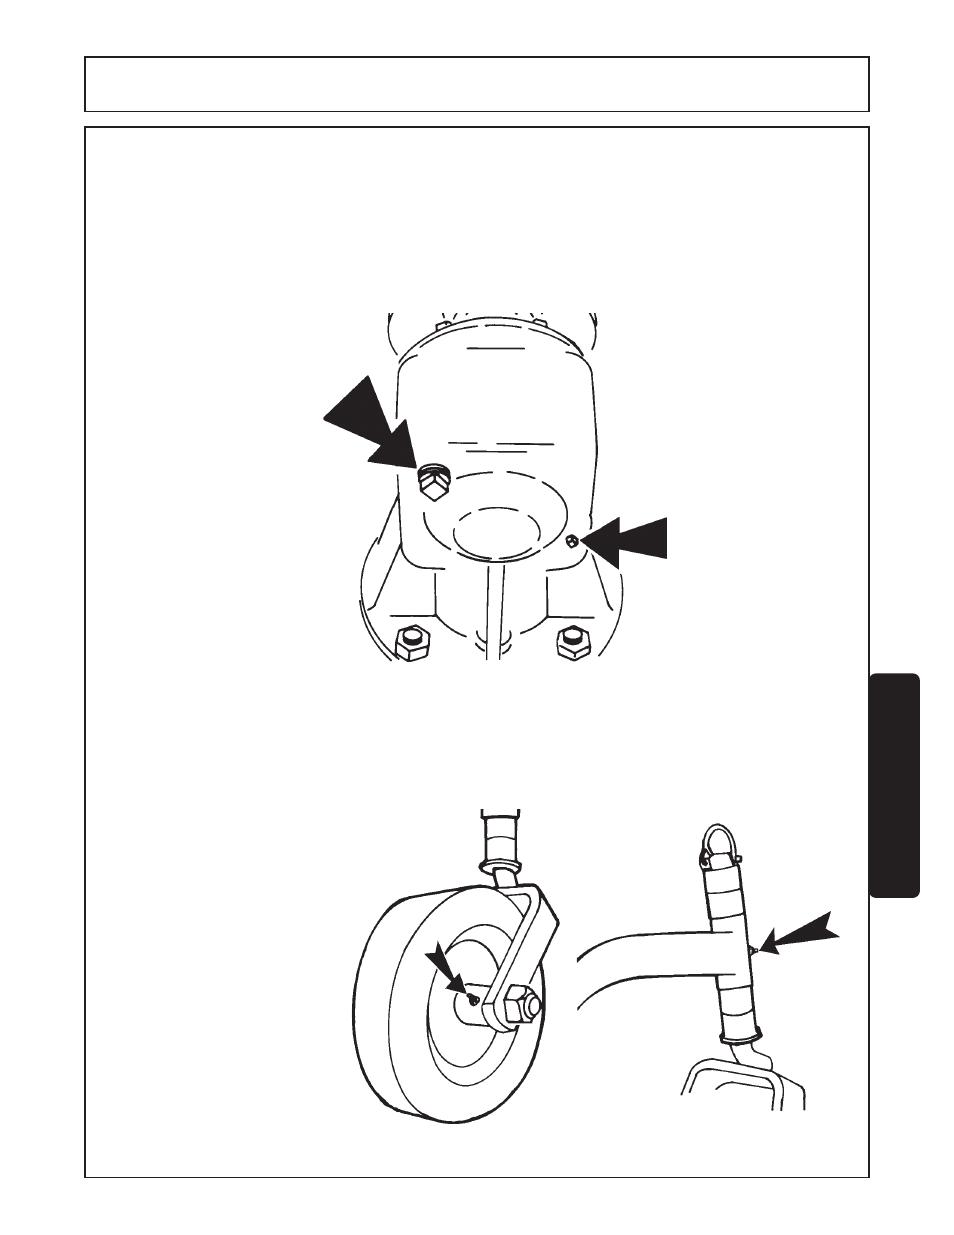 Gearbox -3 gauge wheel assemblies -3, Maintenance | Servis